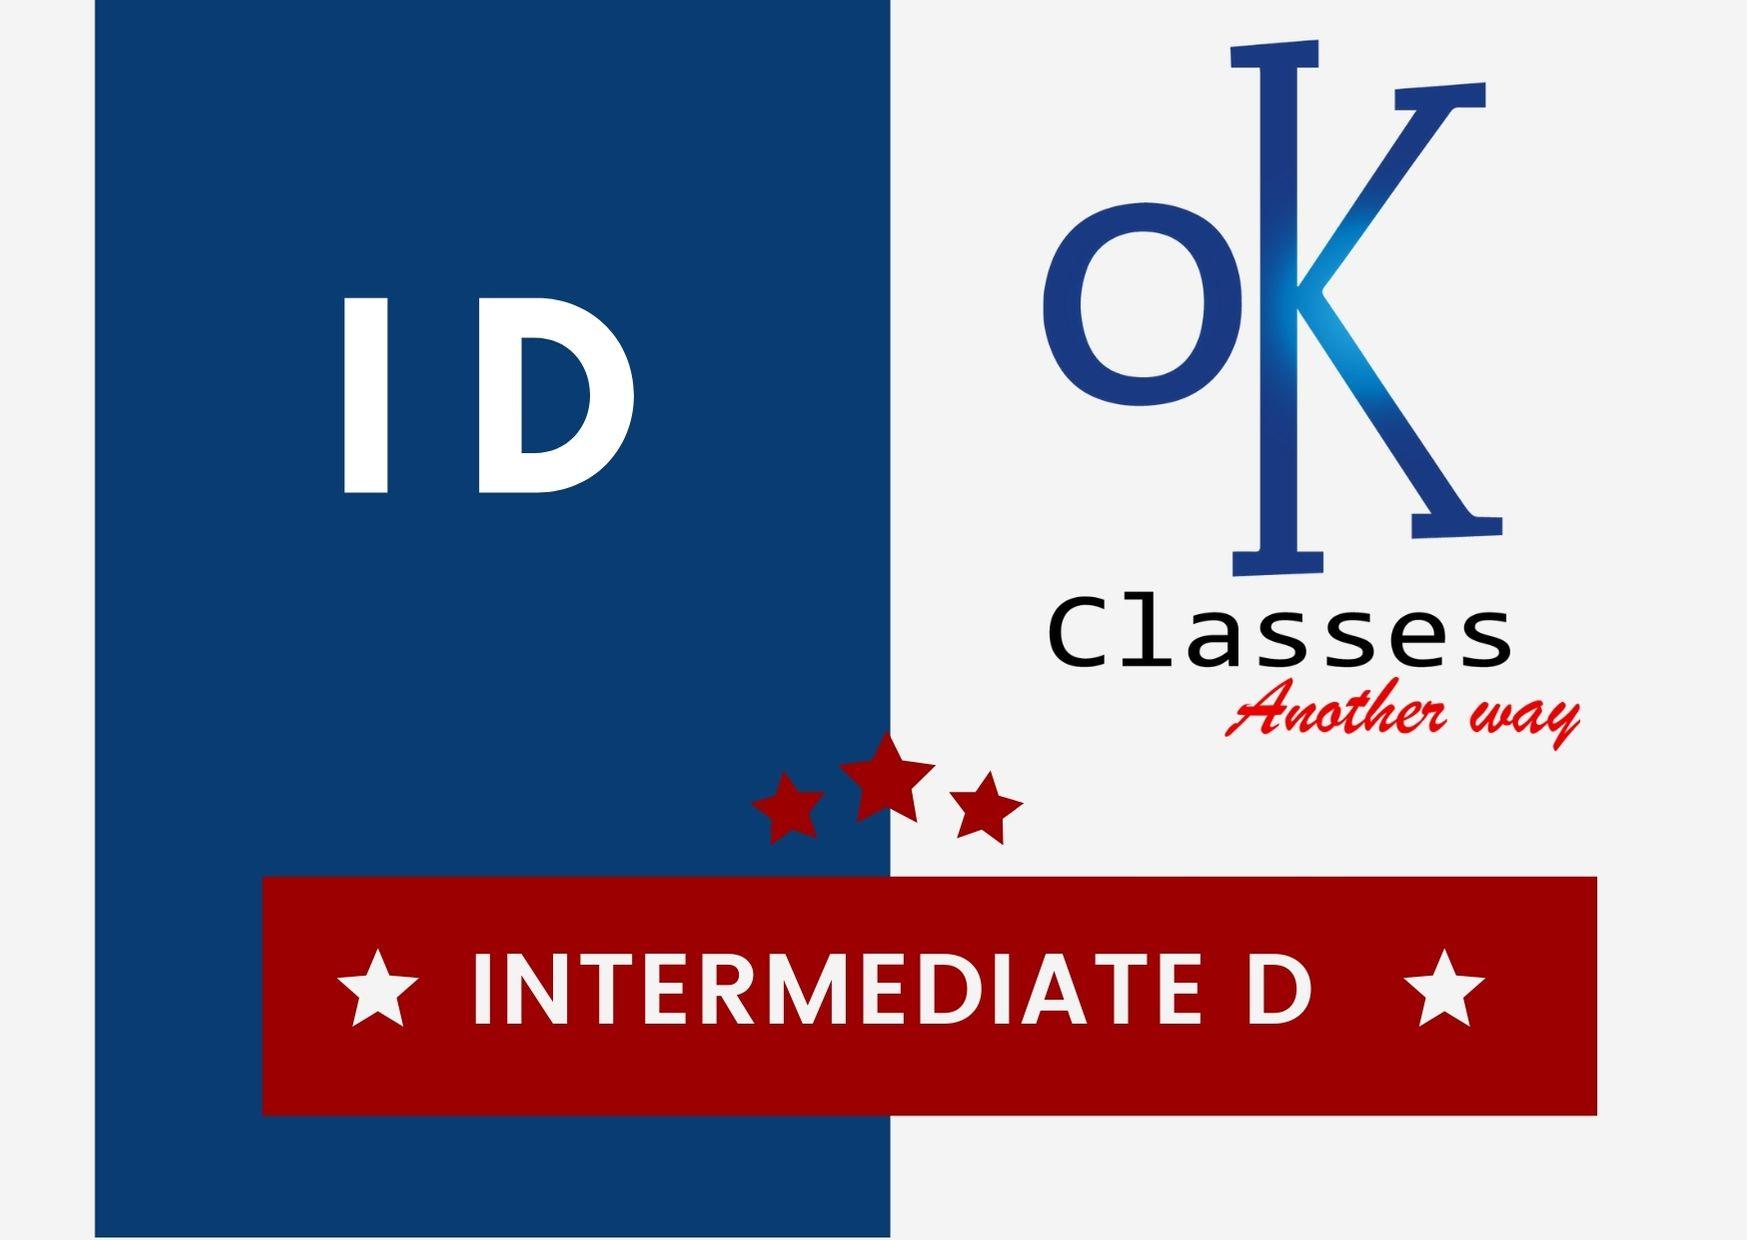 Ok Classes Intermediate D